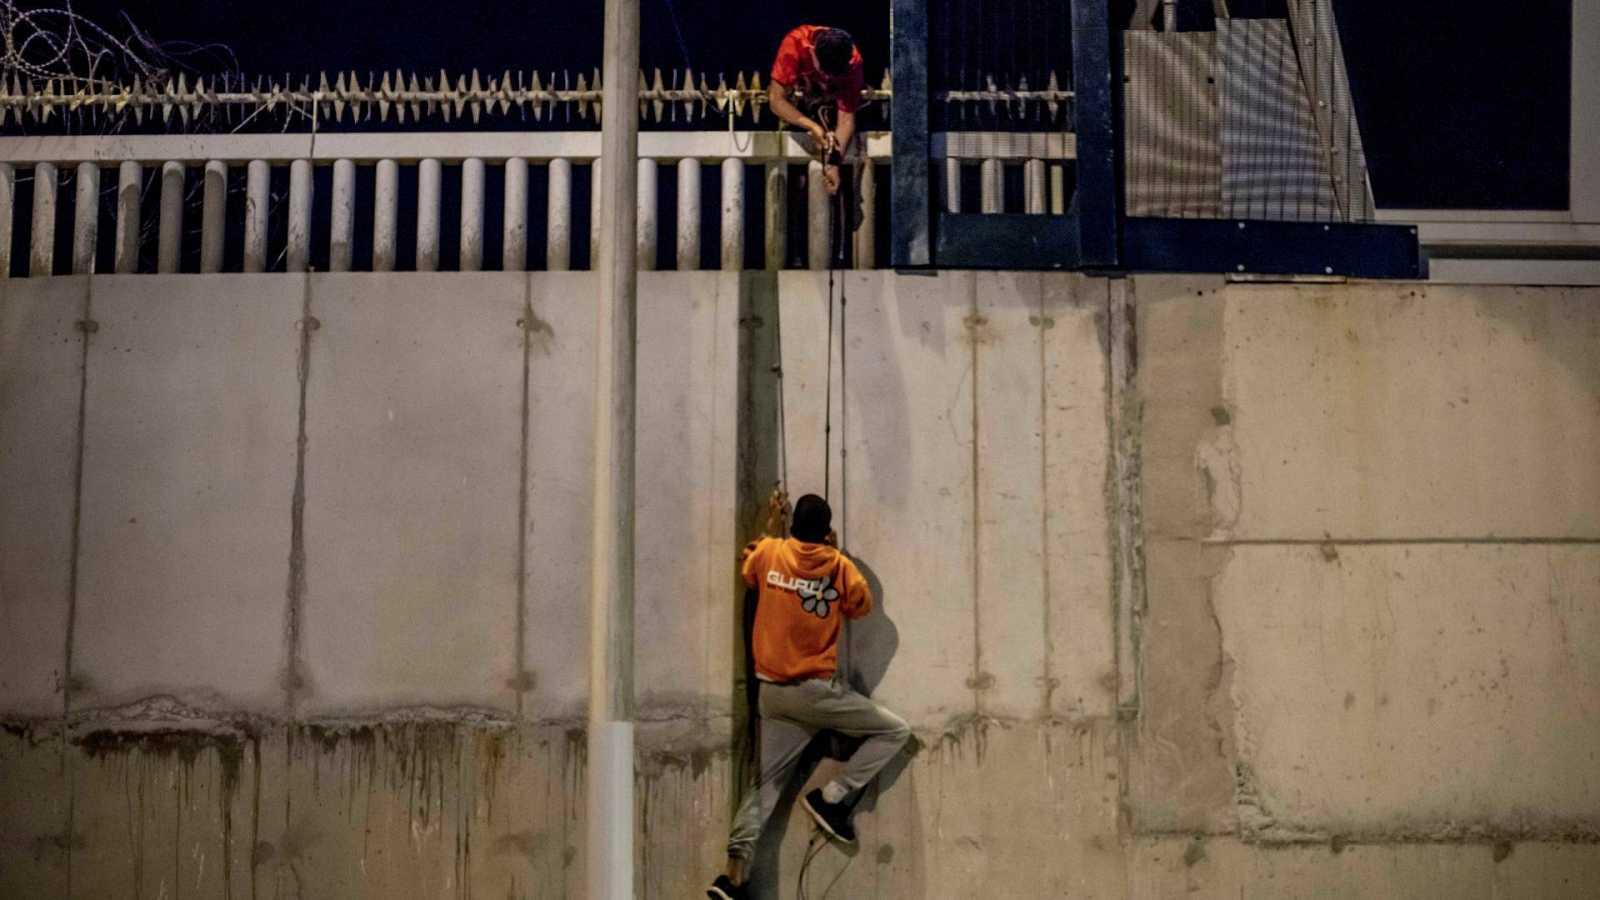 Migrantes intentan acceder al puerto comercial de Ceuta para esconderse en un barco que les lleve a la península, en mayo de 2021